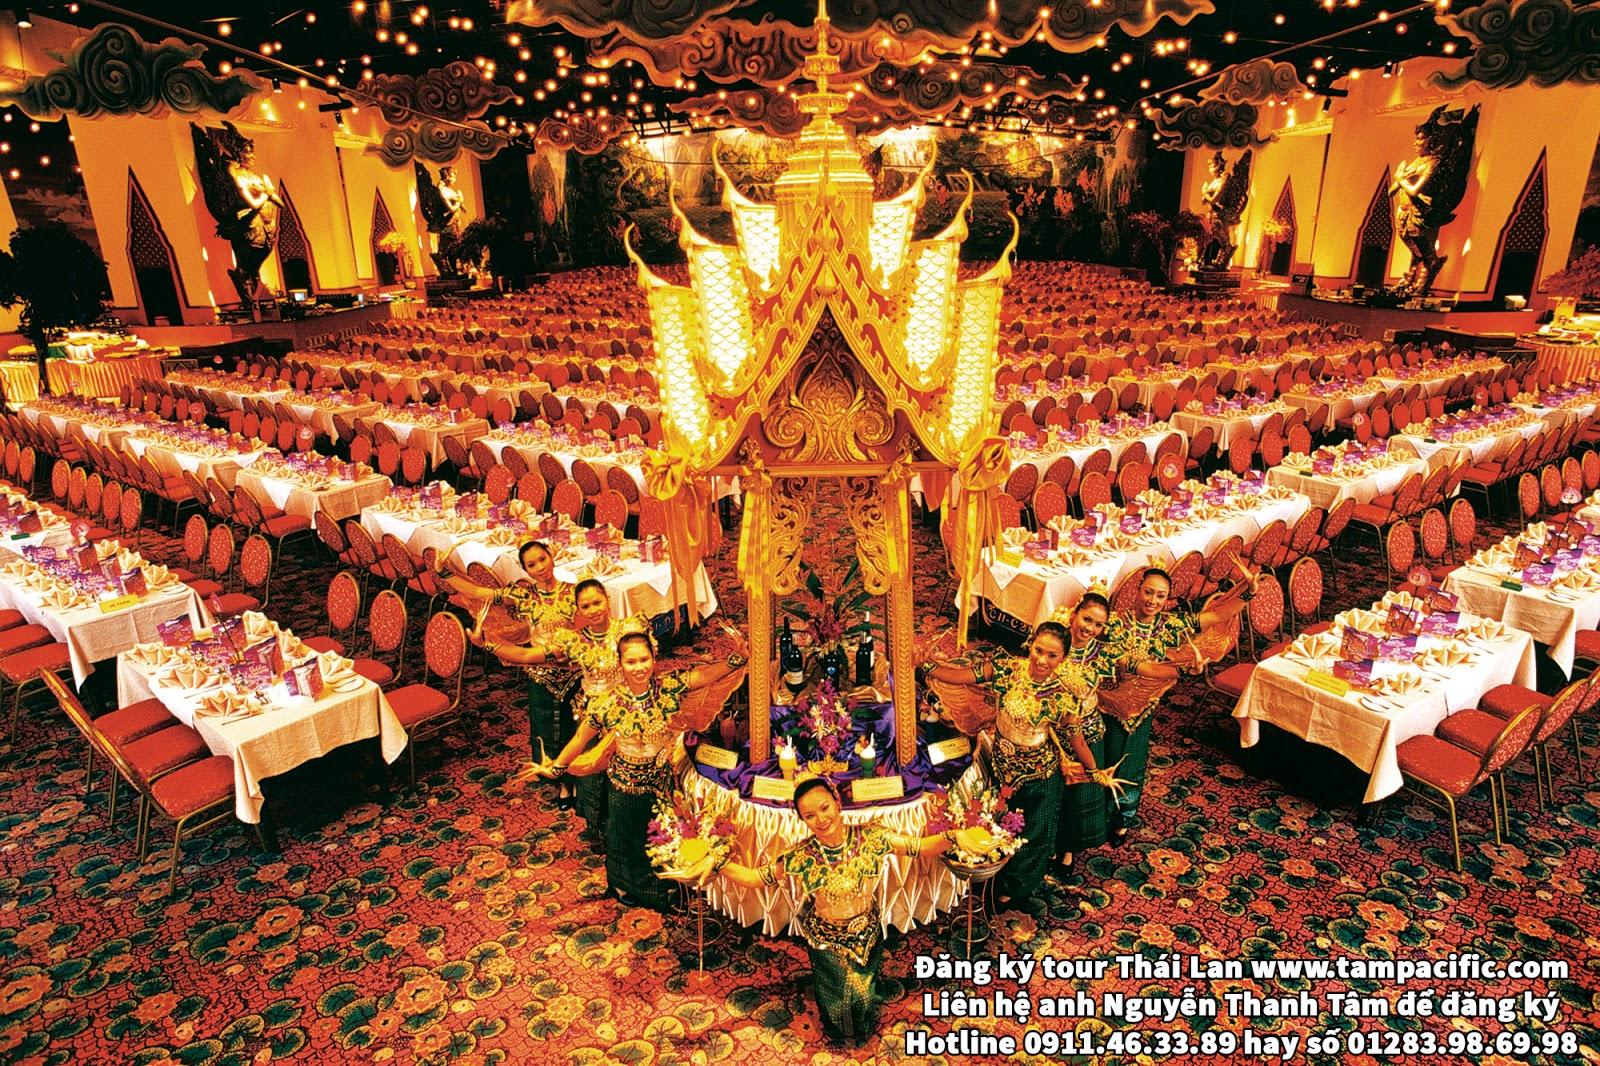 Các chương trình tham quan các đảo tại Phuket dành cho khách Việt